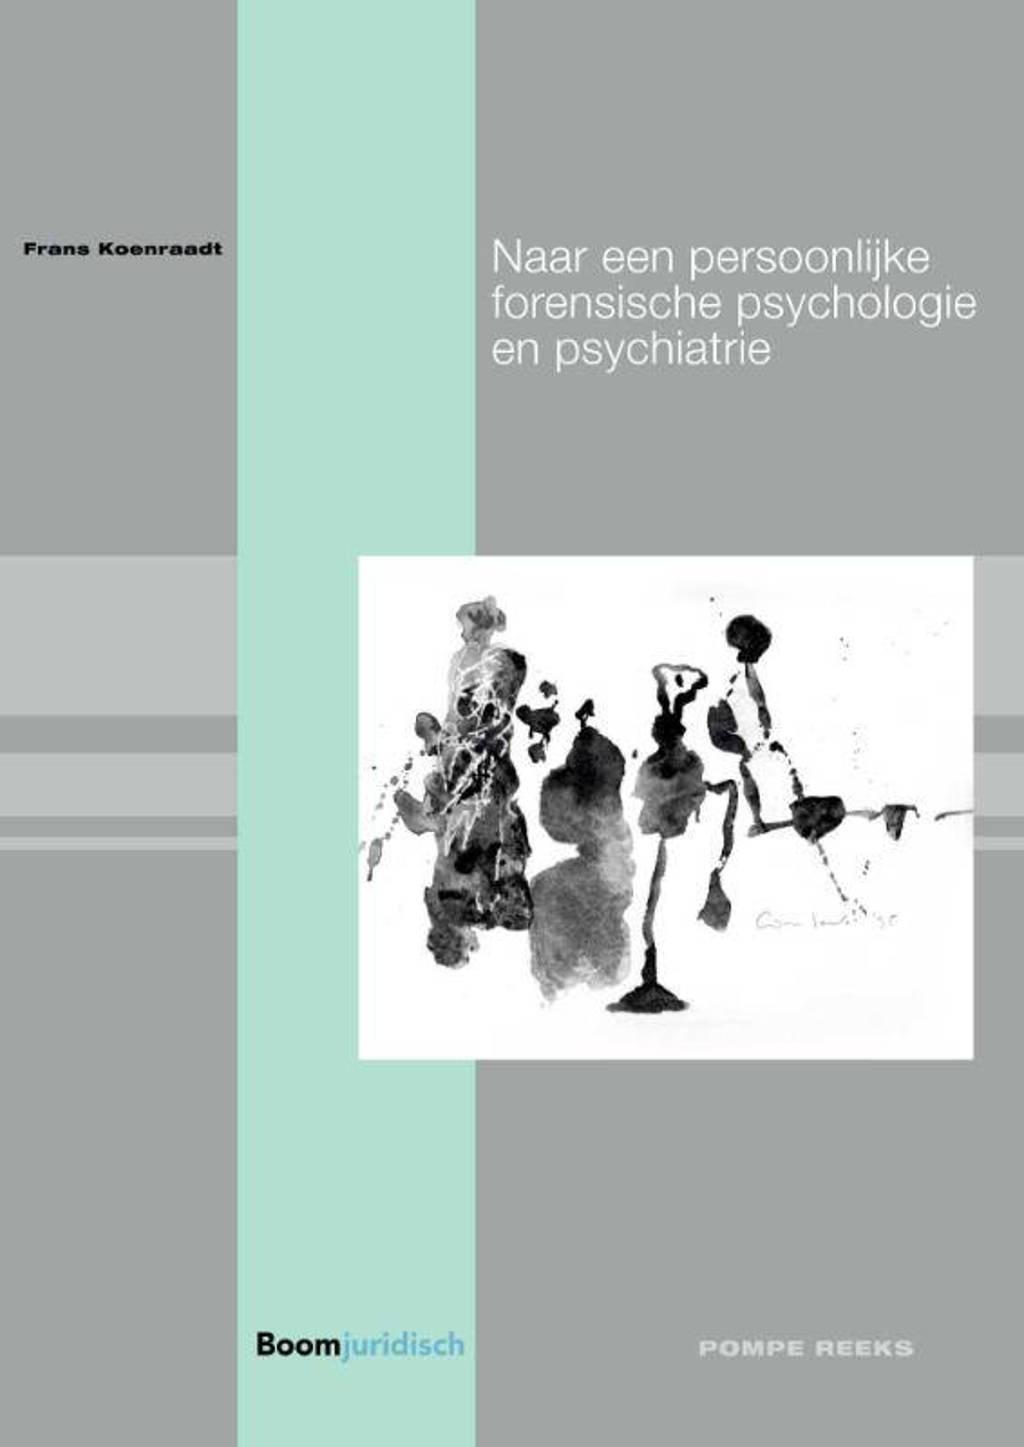 Pompe-reeks: Naar een persoonlijke forensische psychologie en psychiatrie - Frans Koenraadt